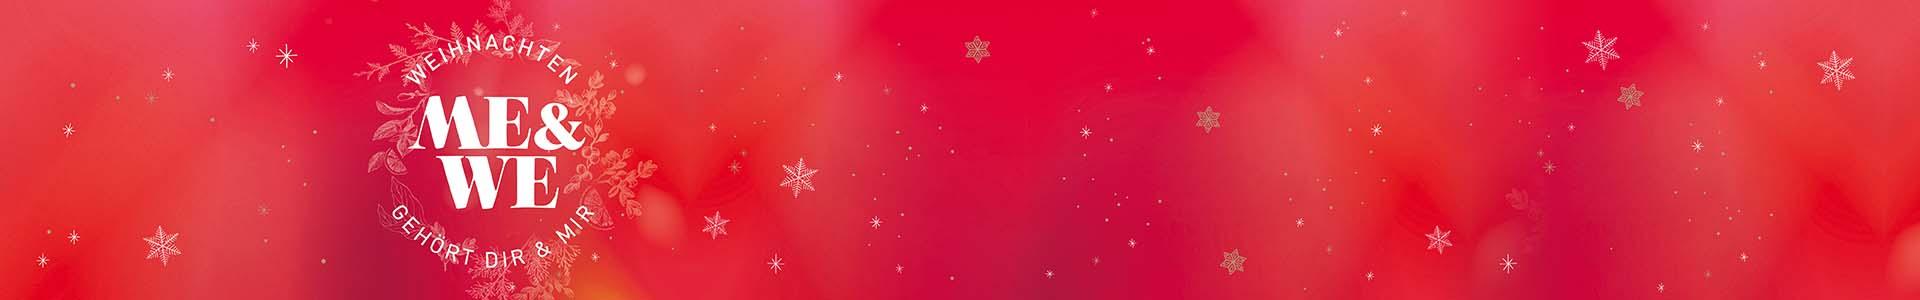 PRIMAVERA Weihnachten